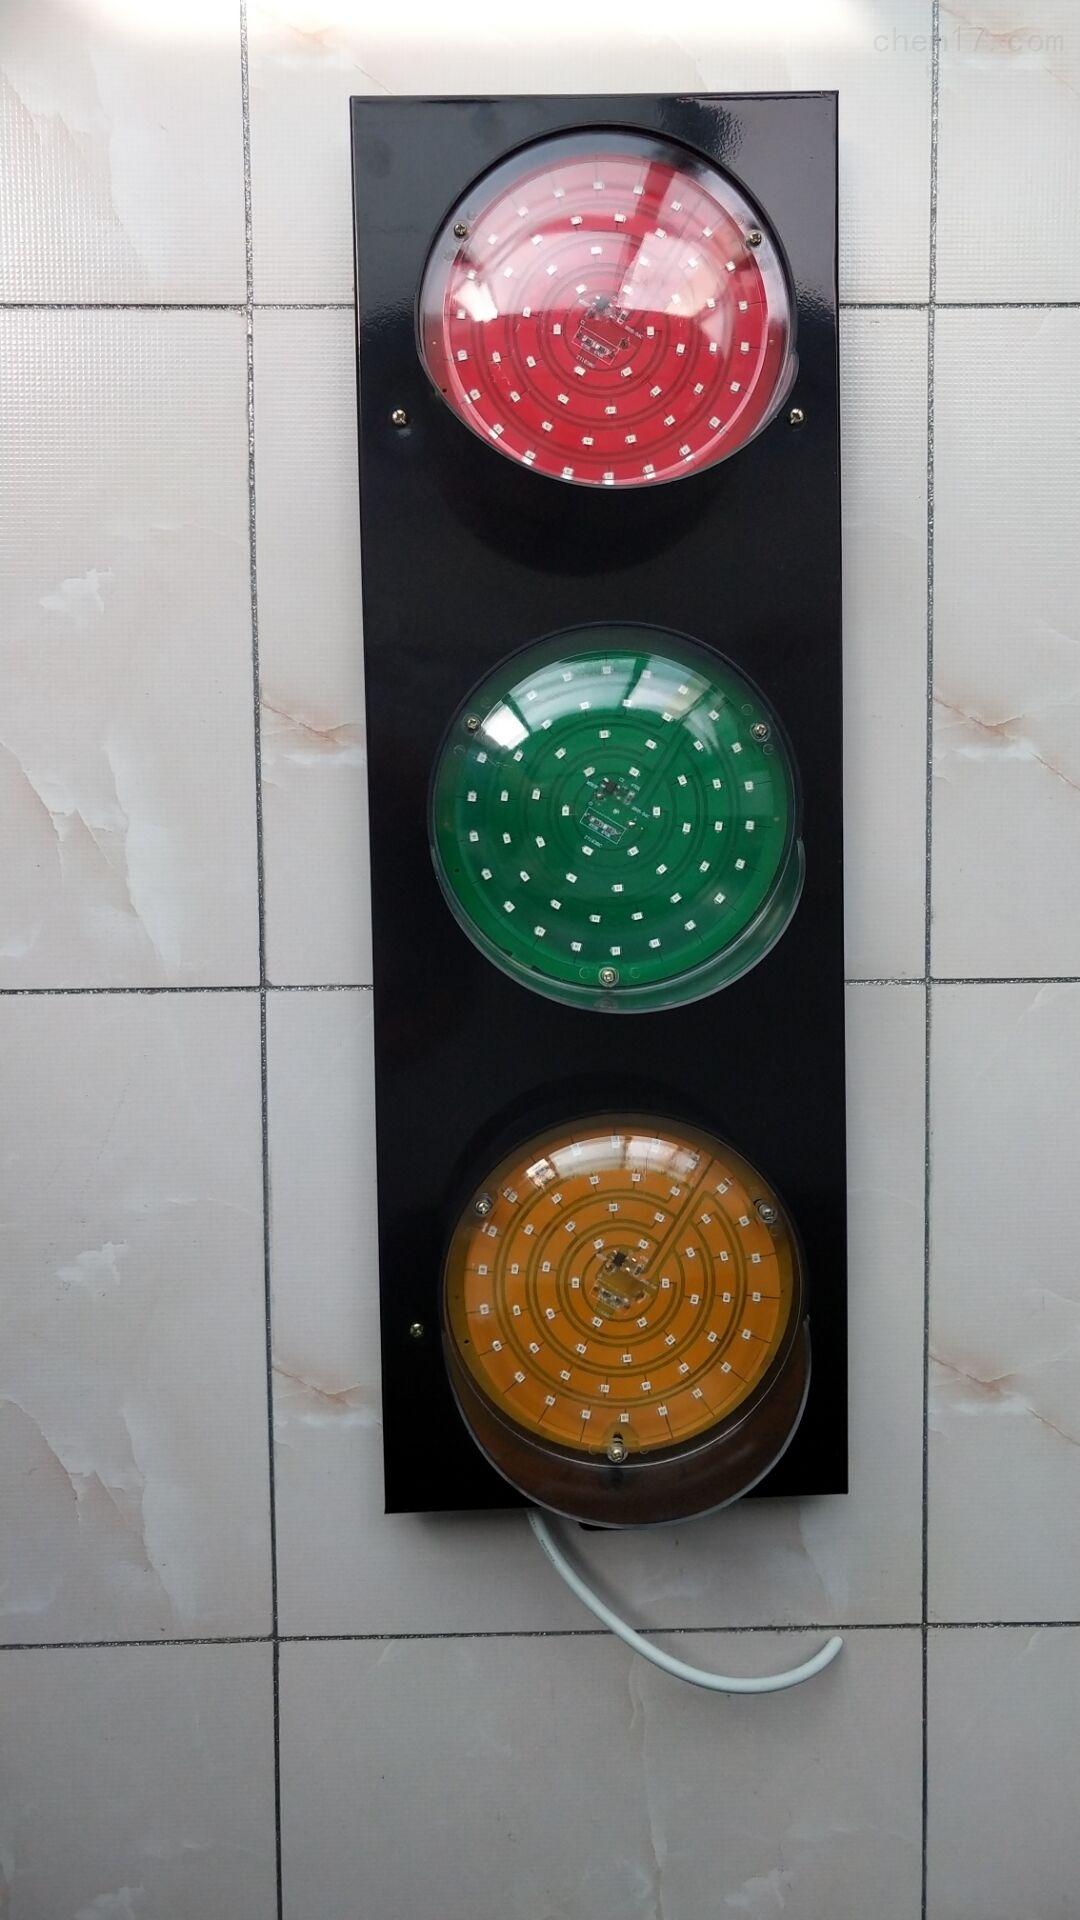 安全防爆行车滑线指示灯